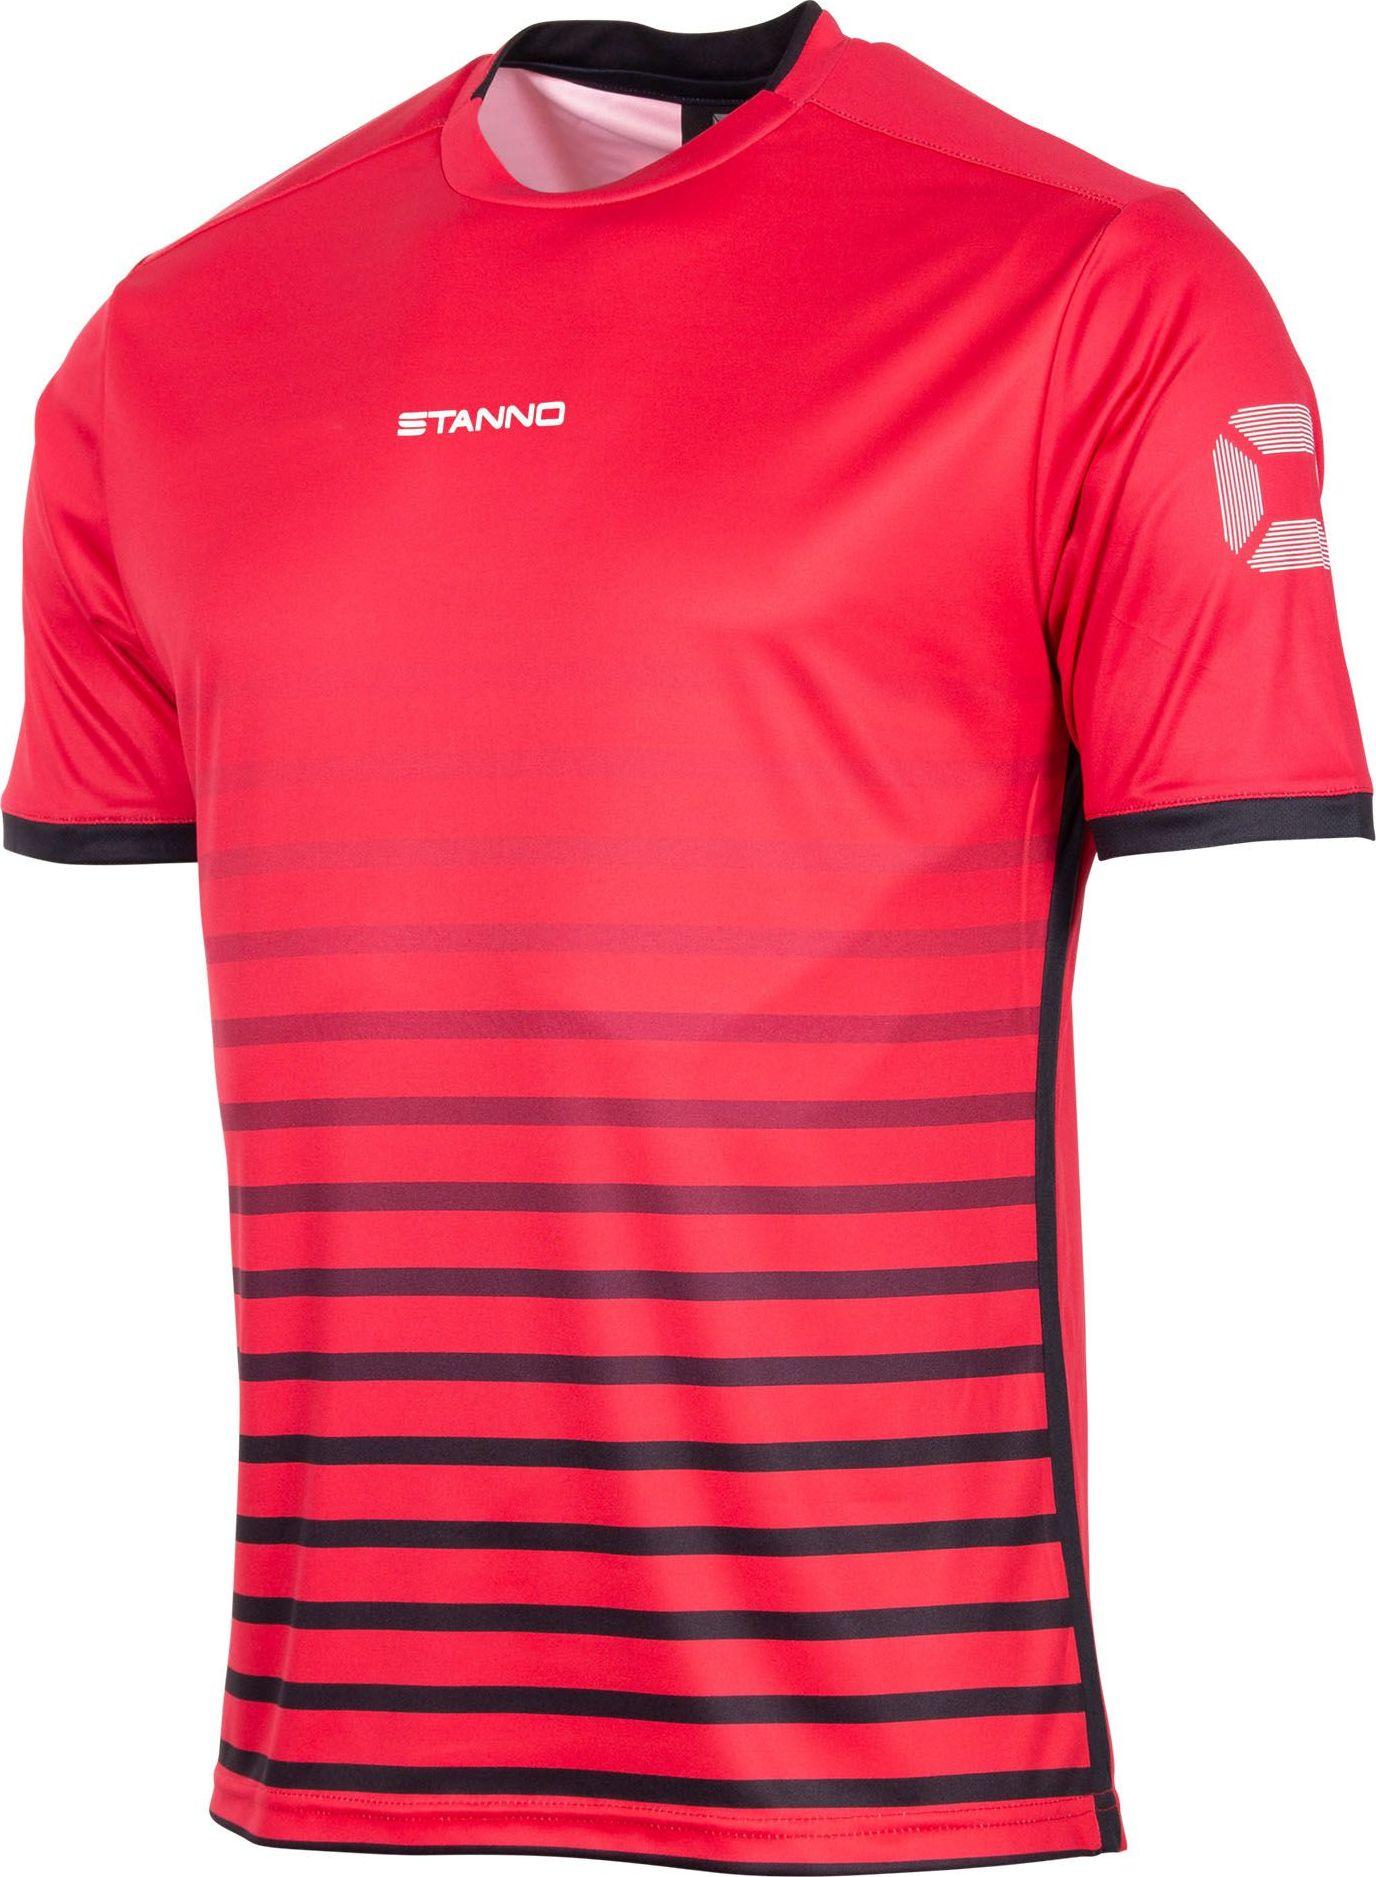 volleybal shirt met naam